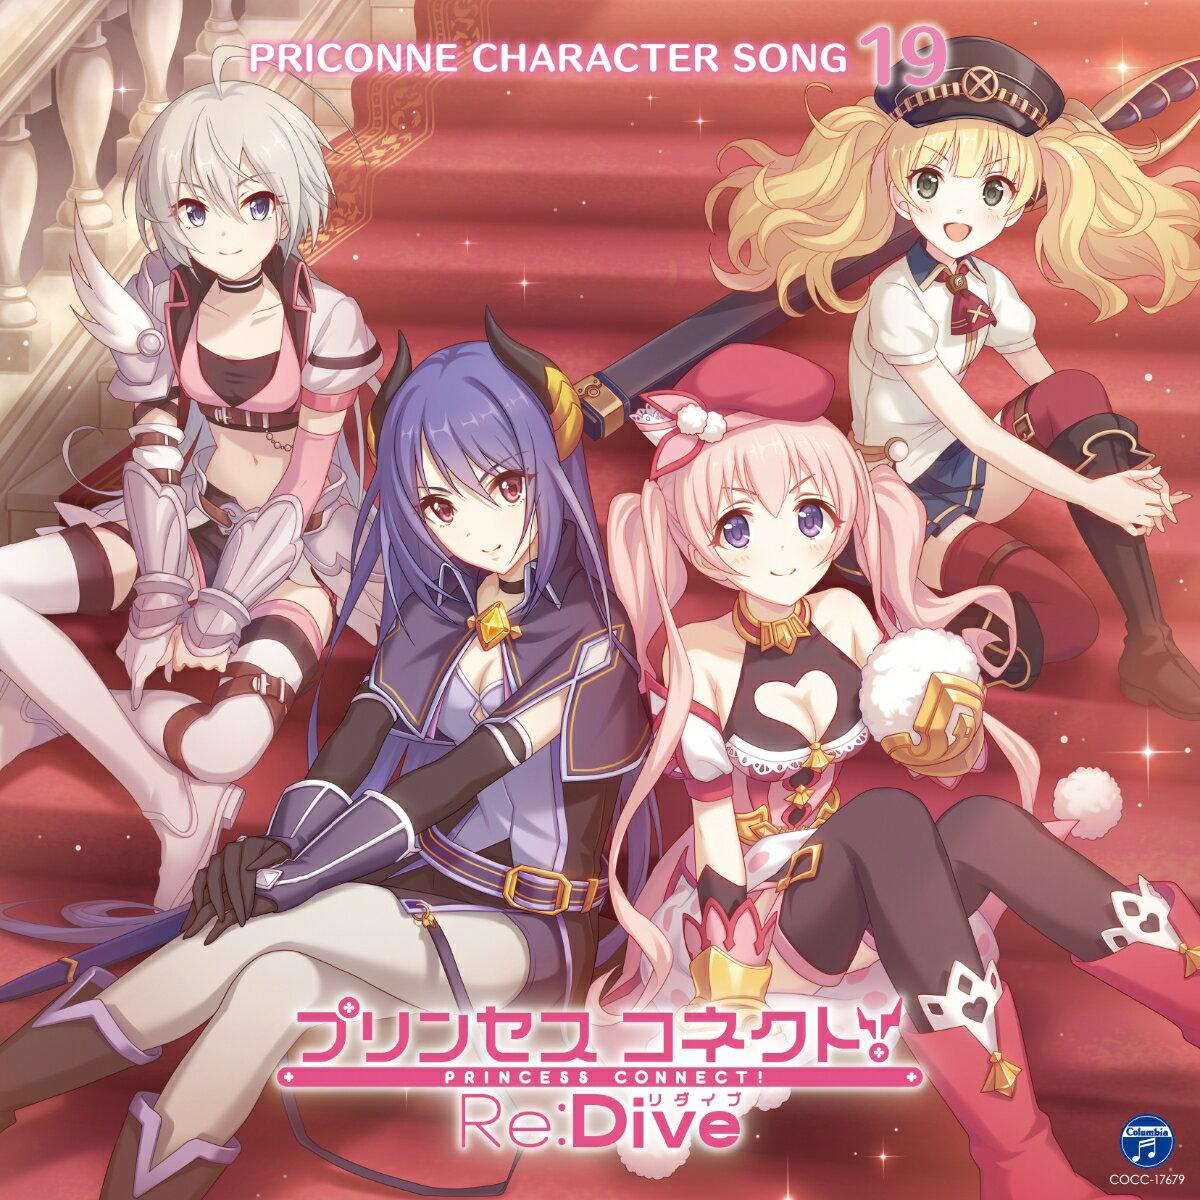 プリンセスコネクト! Re:Dive PRICONNE CHARACTER SONG 19画像